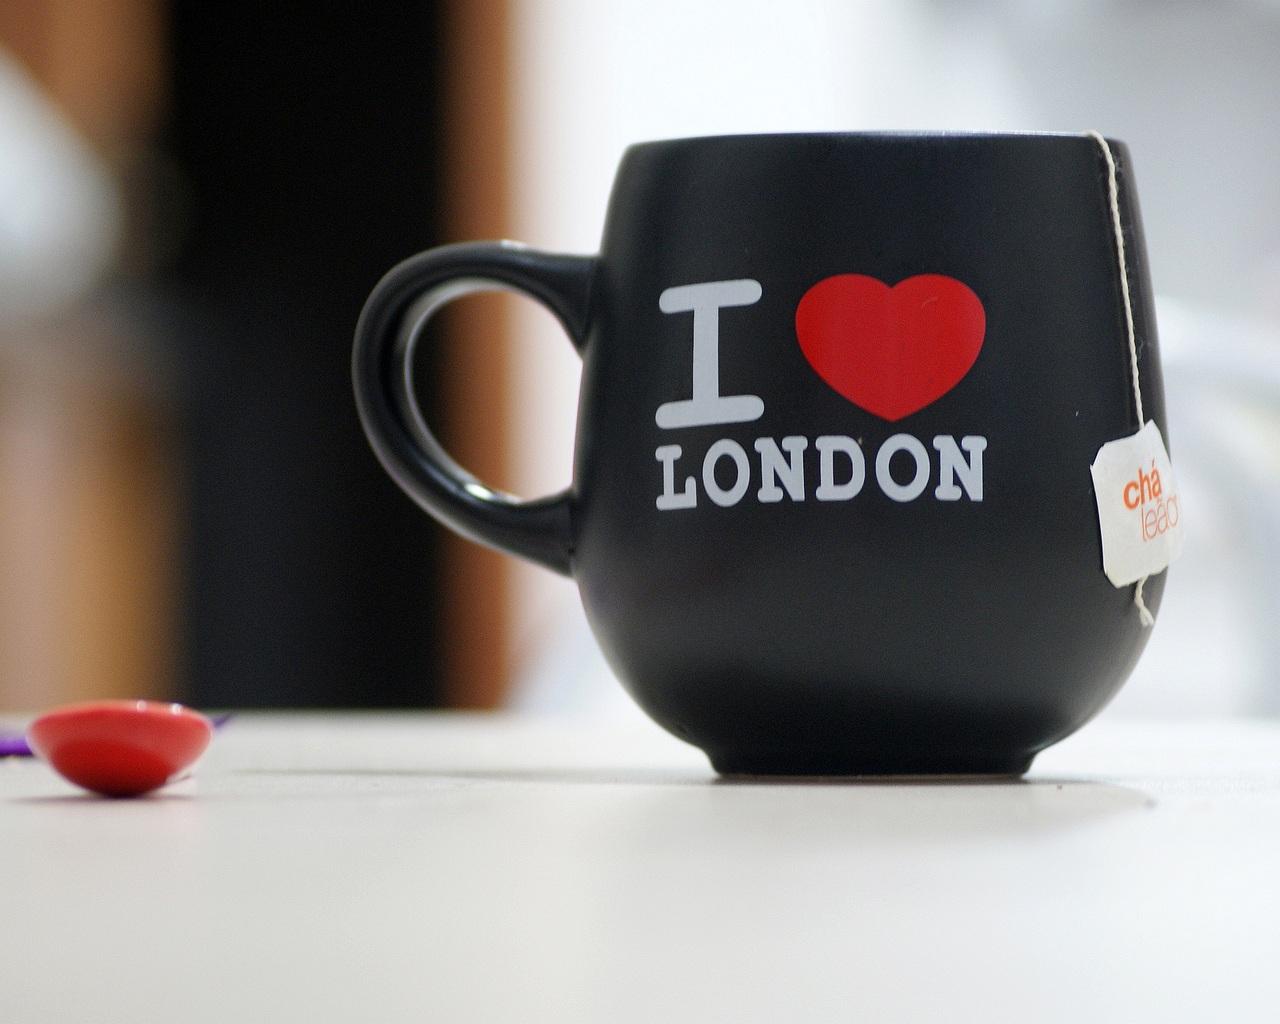 1280x1024 I Love London 1280x1024 Resolution Hd 4k